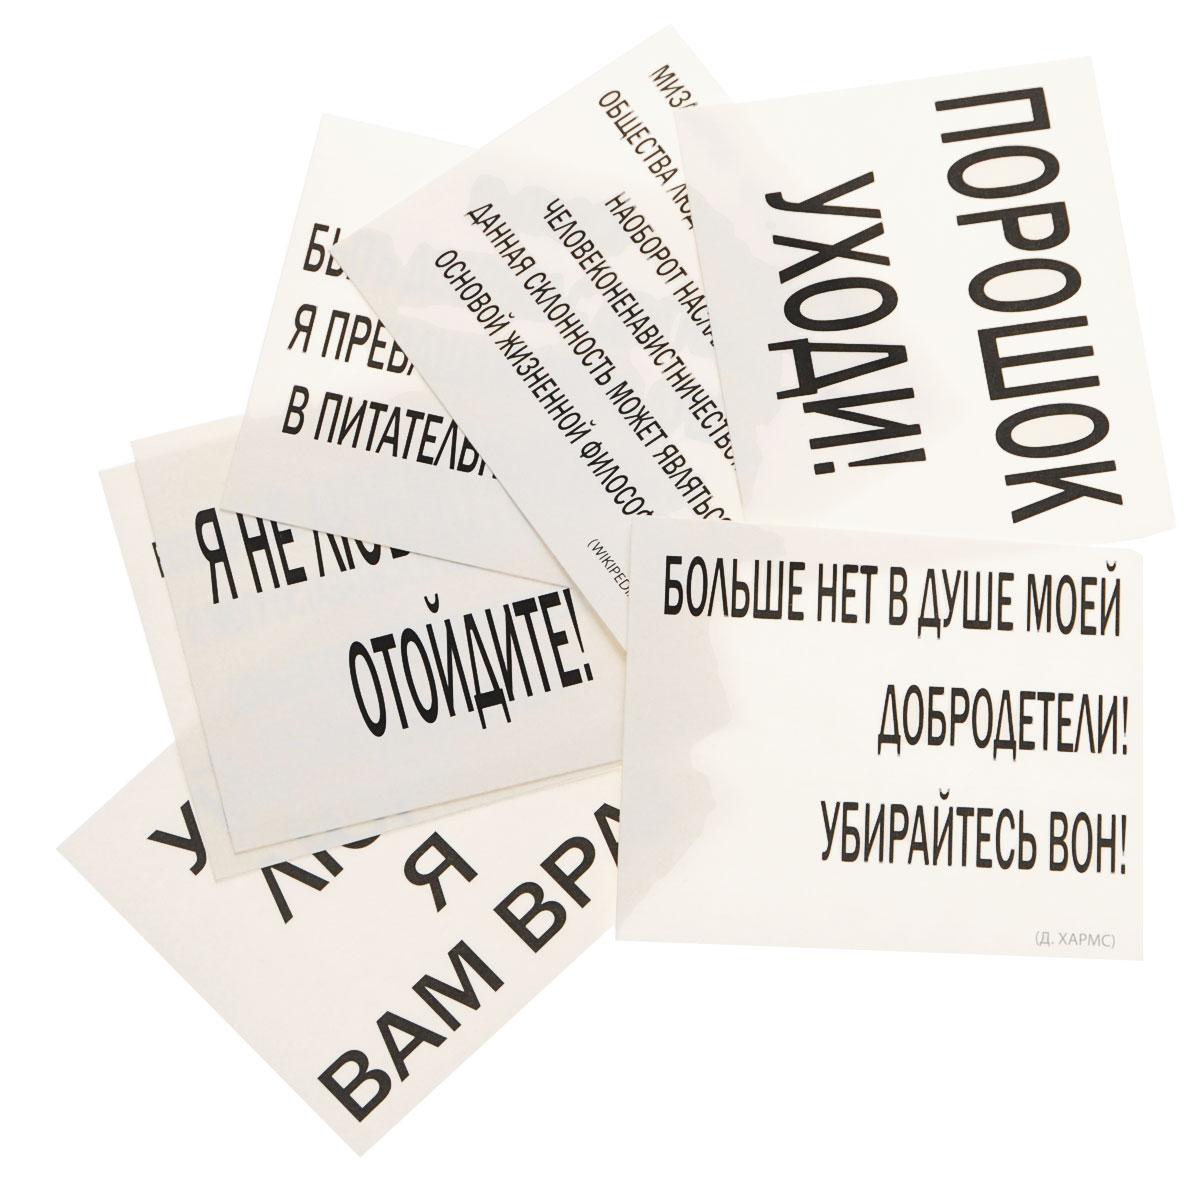 Набор мизантропа. (набор из 7 карточек)